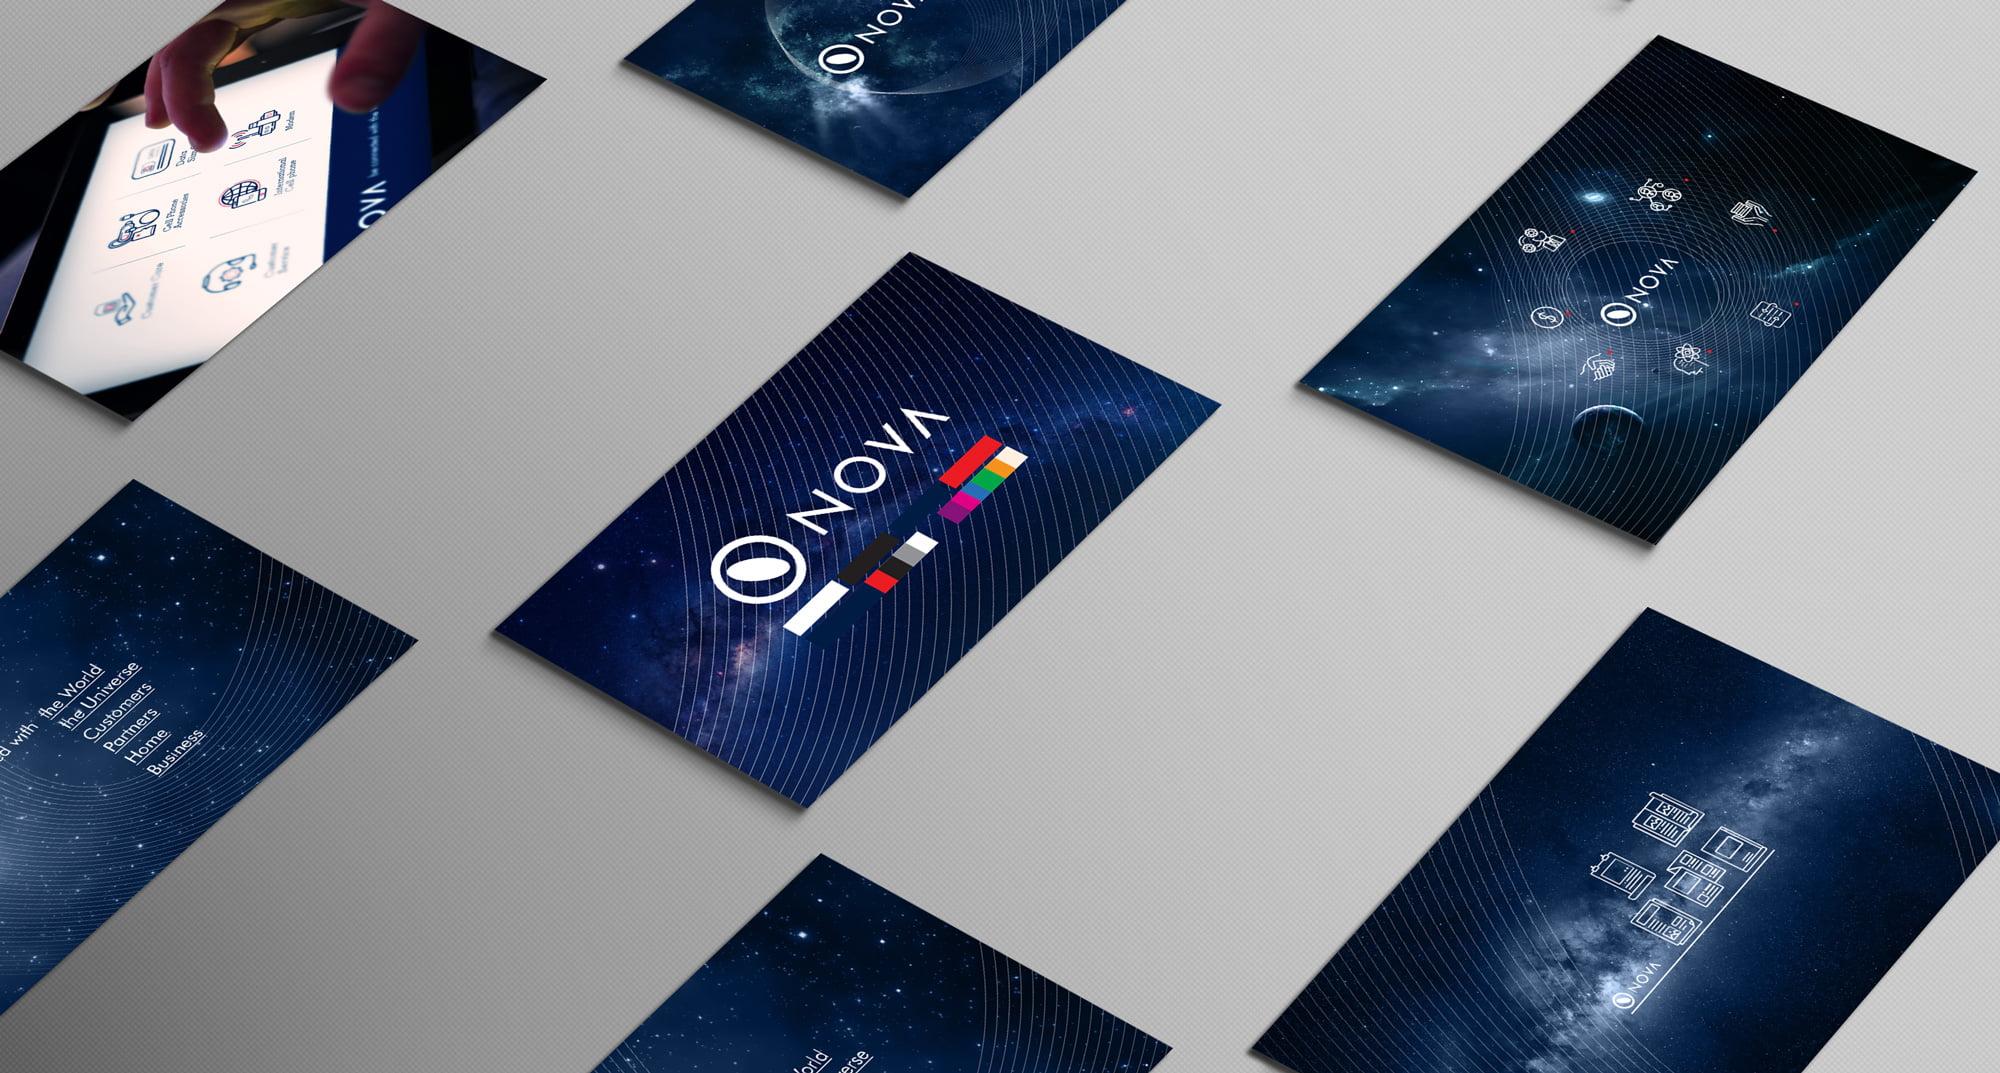 Nova11 - خانه